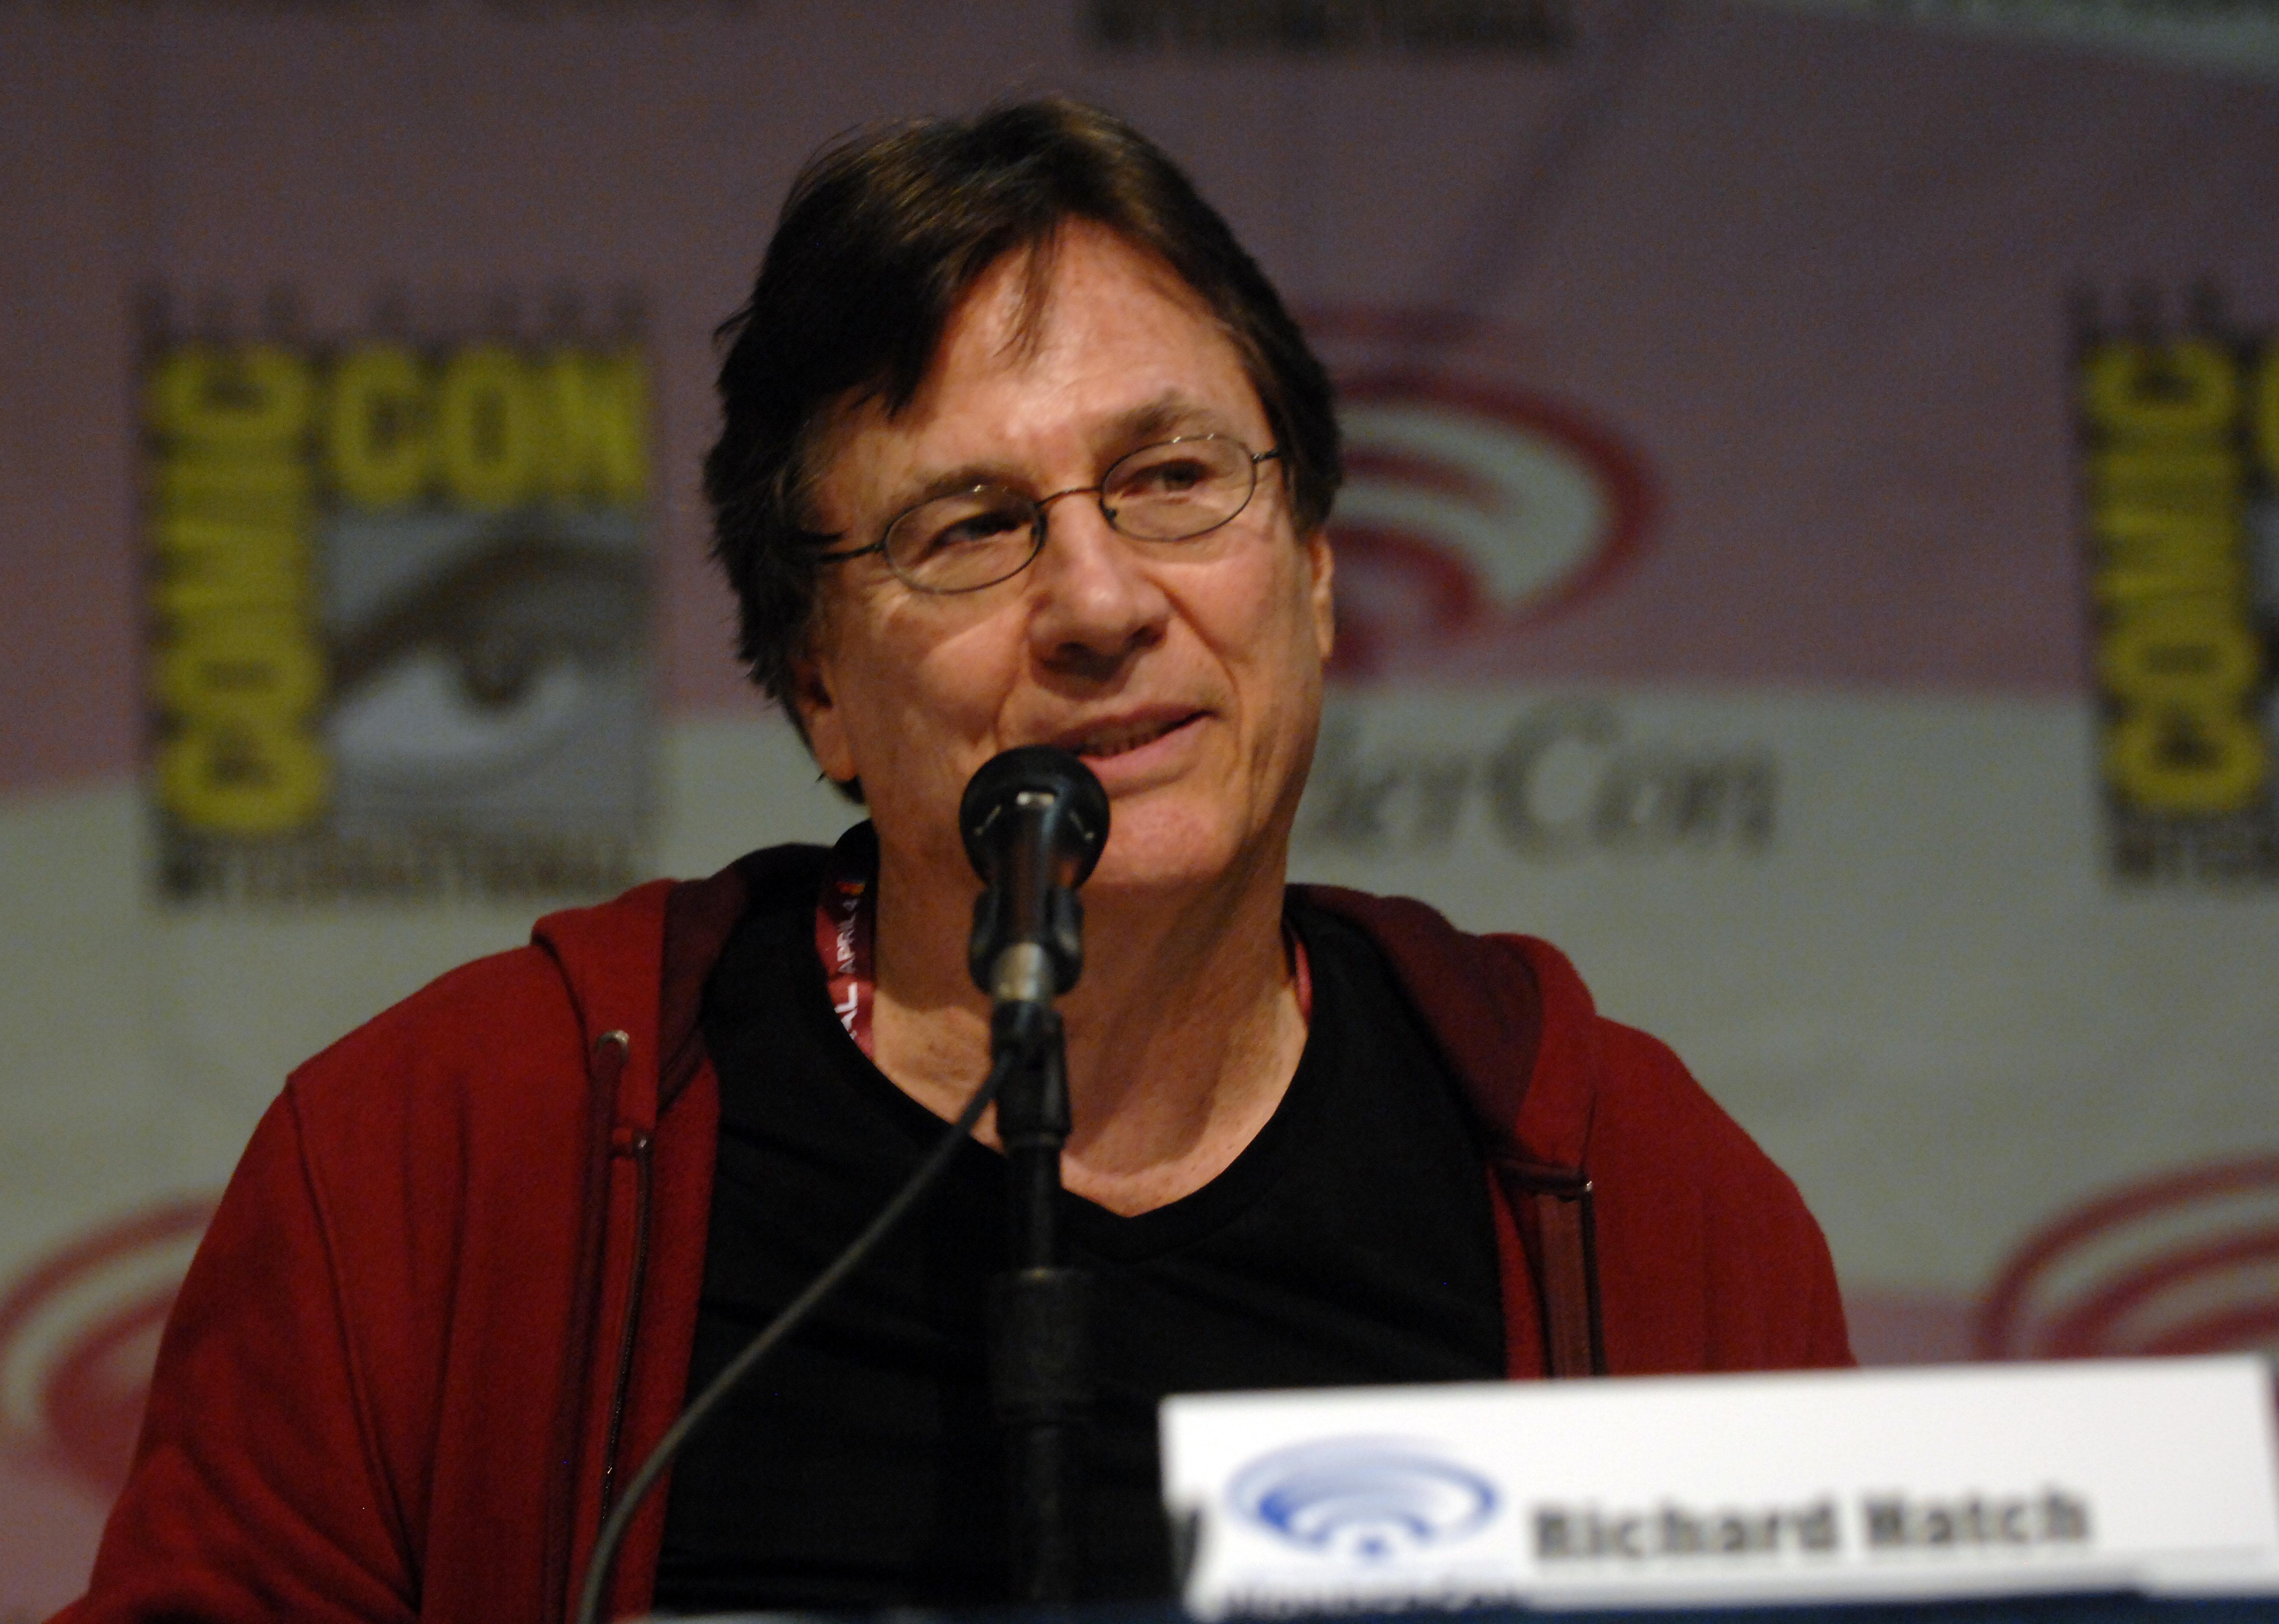 Richard Hatch, 'Battlestar Galactica' Star, Dies At